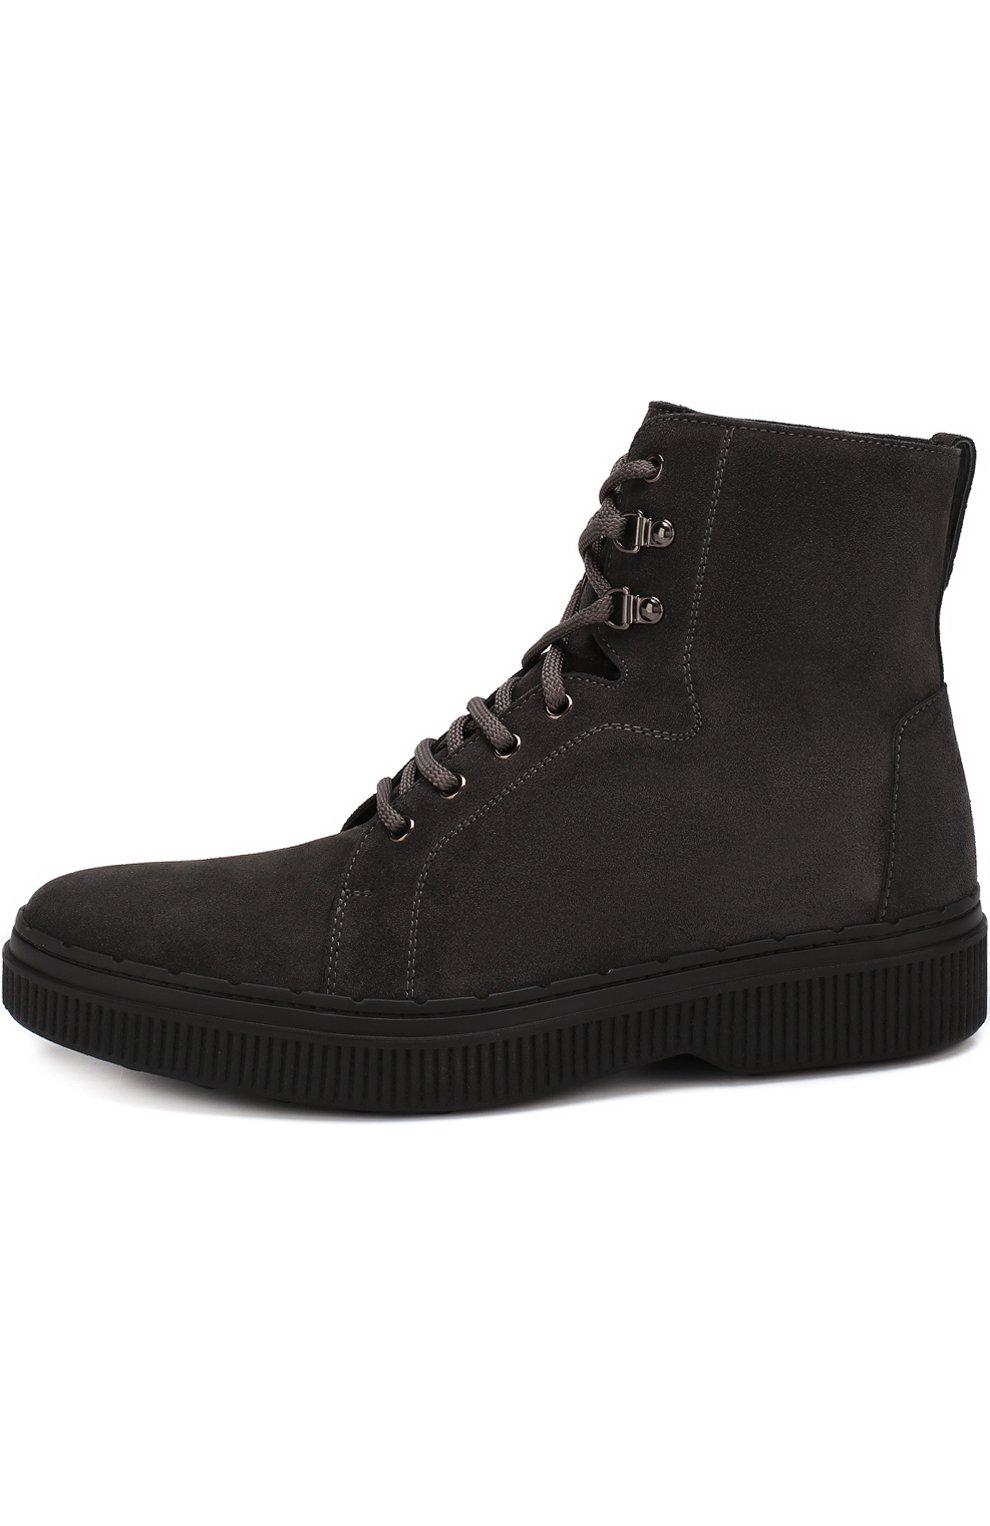 Кожаные высокие ботинки на шнуровке с внутренней меховой отделкой | Фото №3